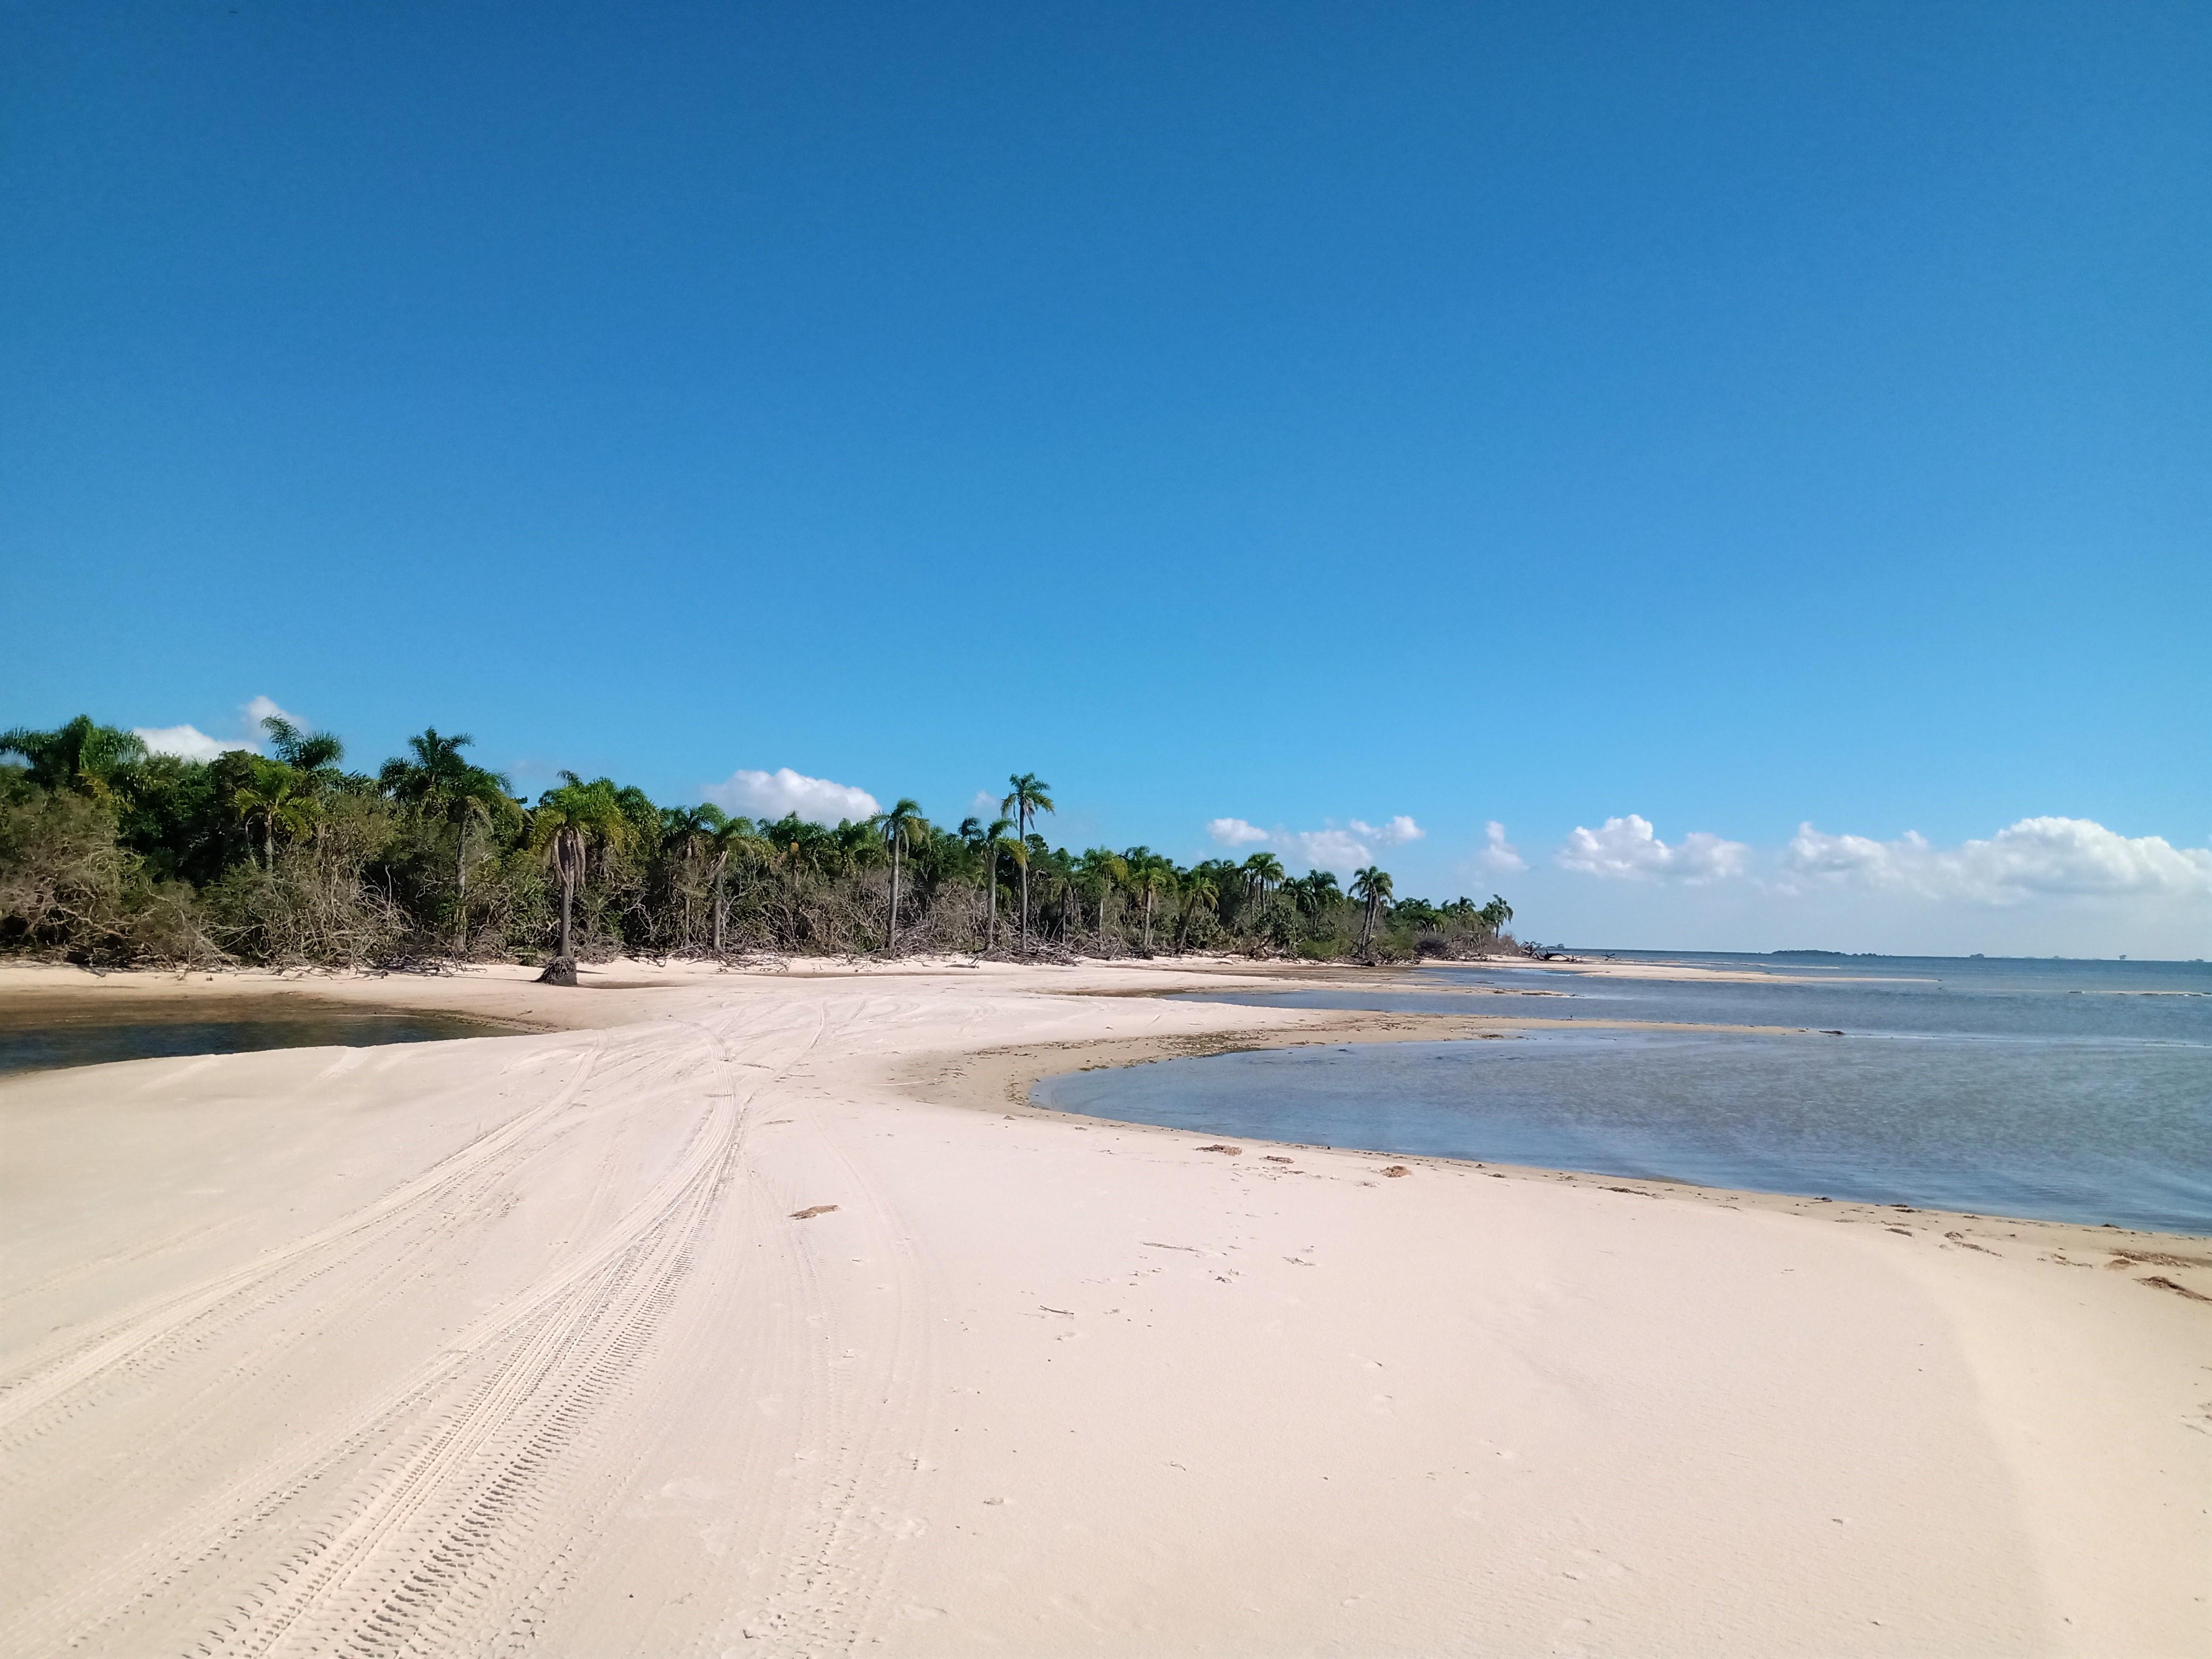 faixa de areia em frente à lagoa e coqueiros ao fundo